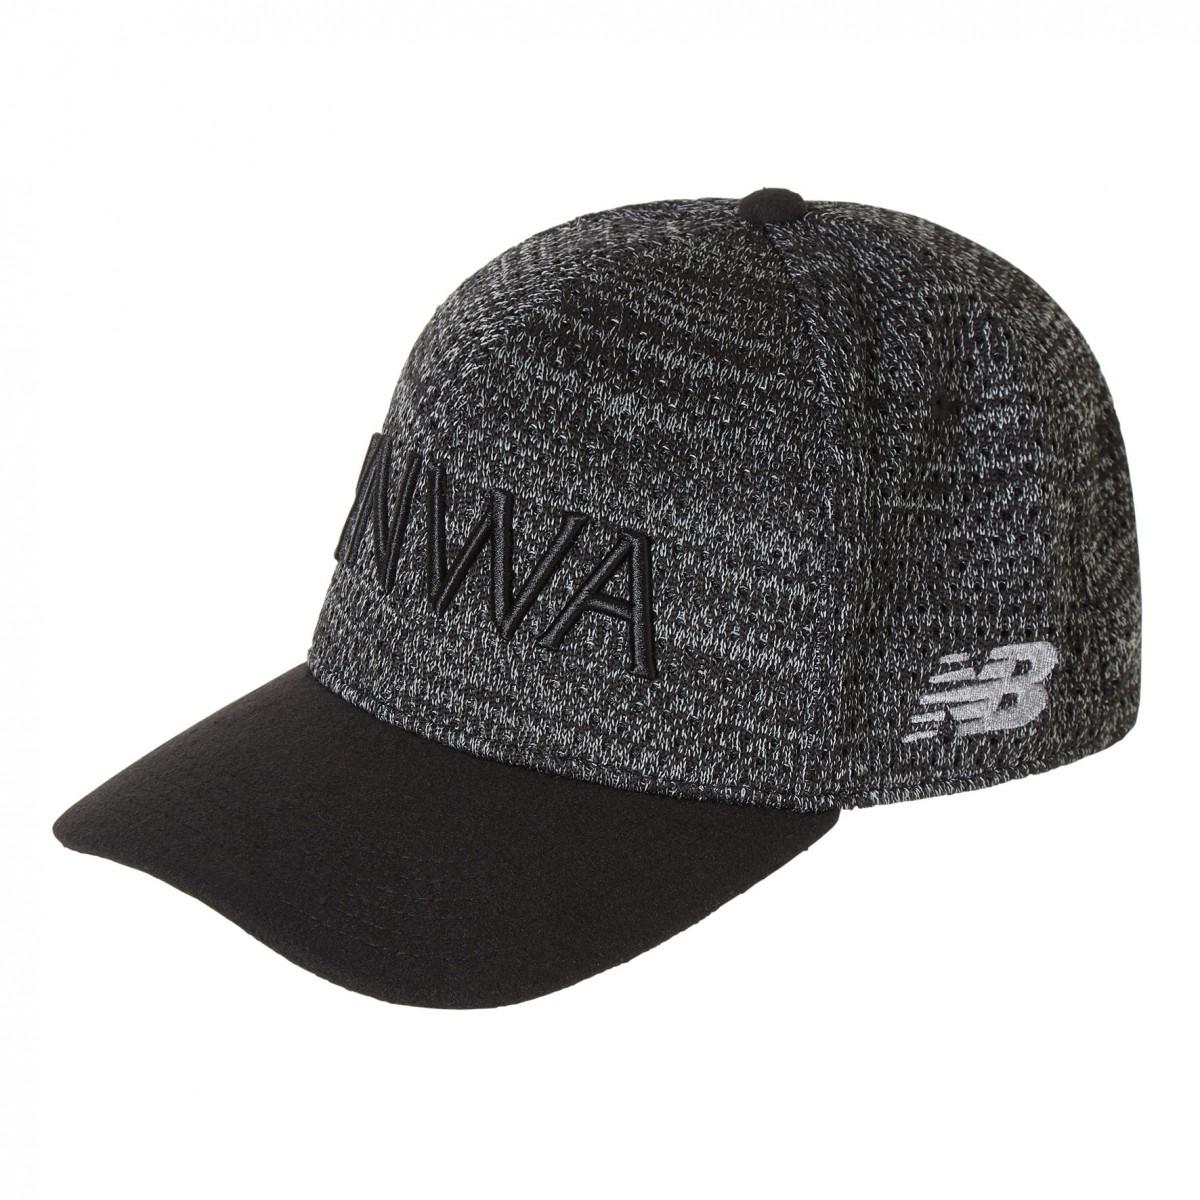 หมวกลิเวอร์พูล LFC x New Balance YNWA Cap 2018/19 ของแท้